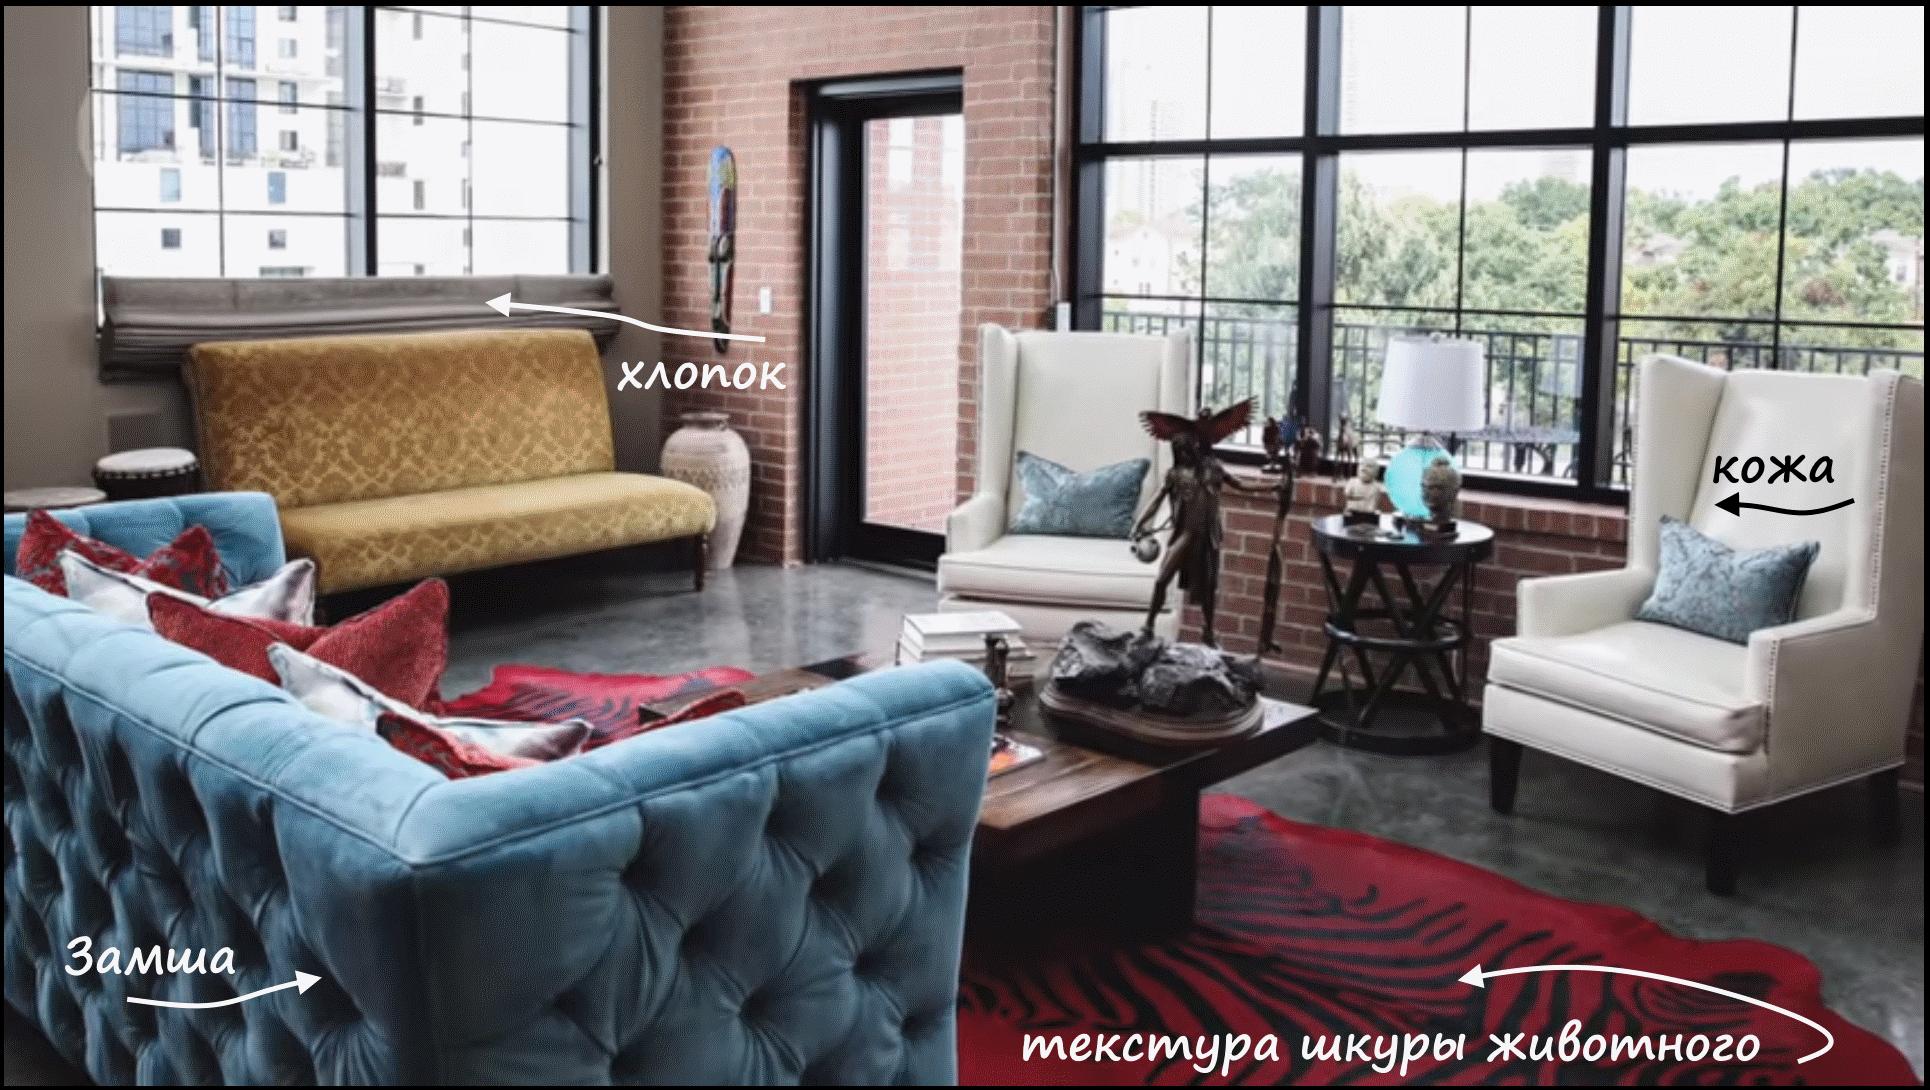 Текстиль и мебель в лофт дизайне